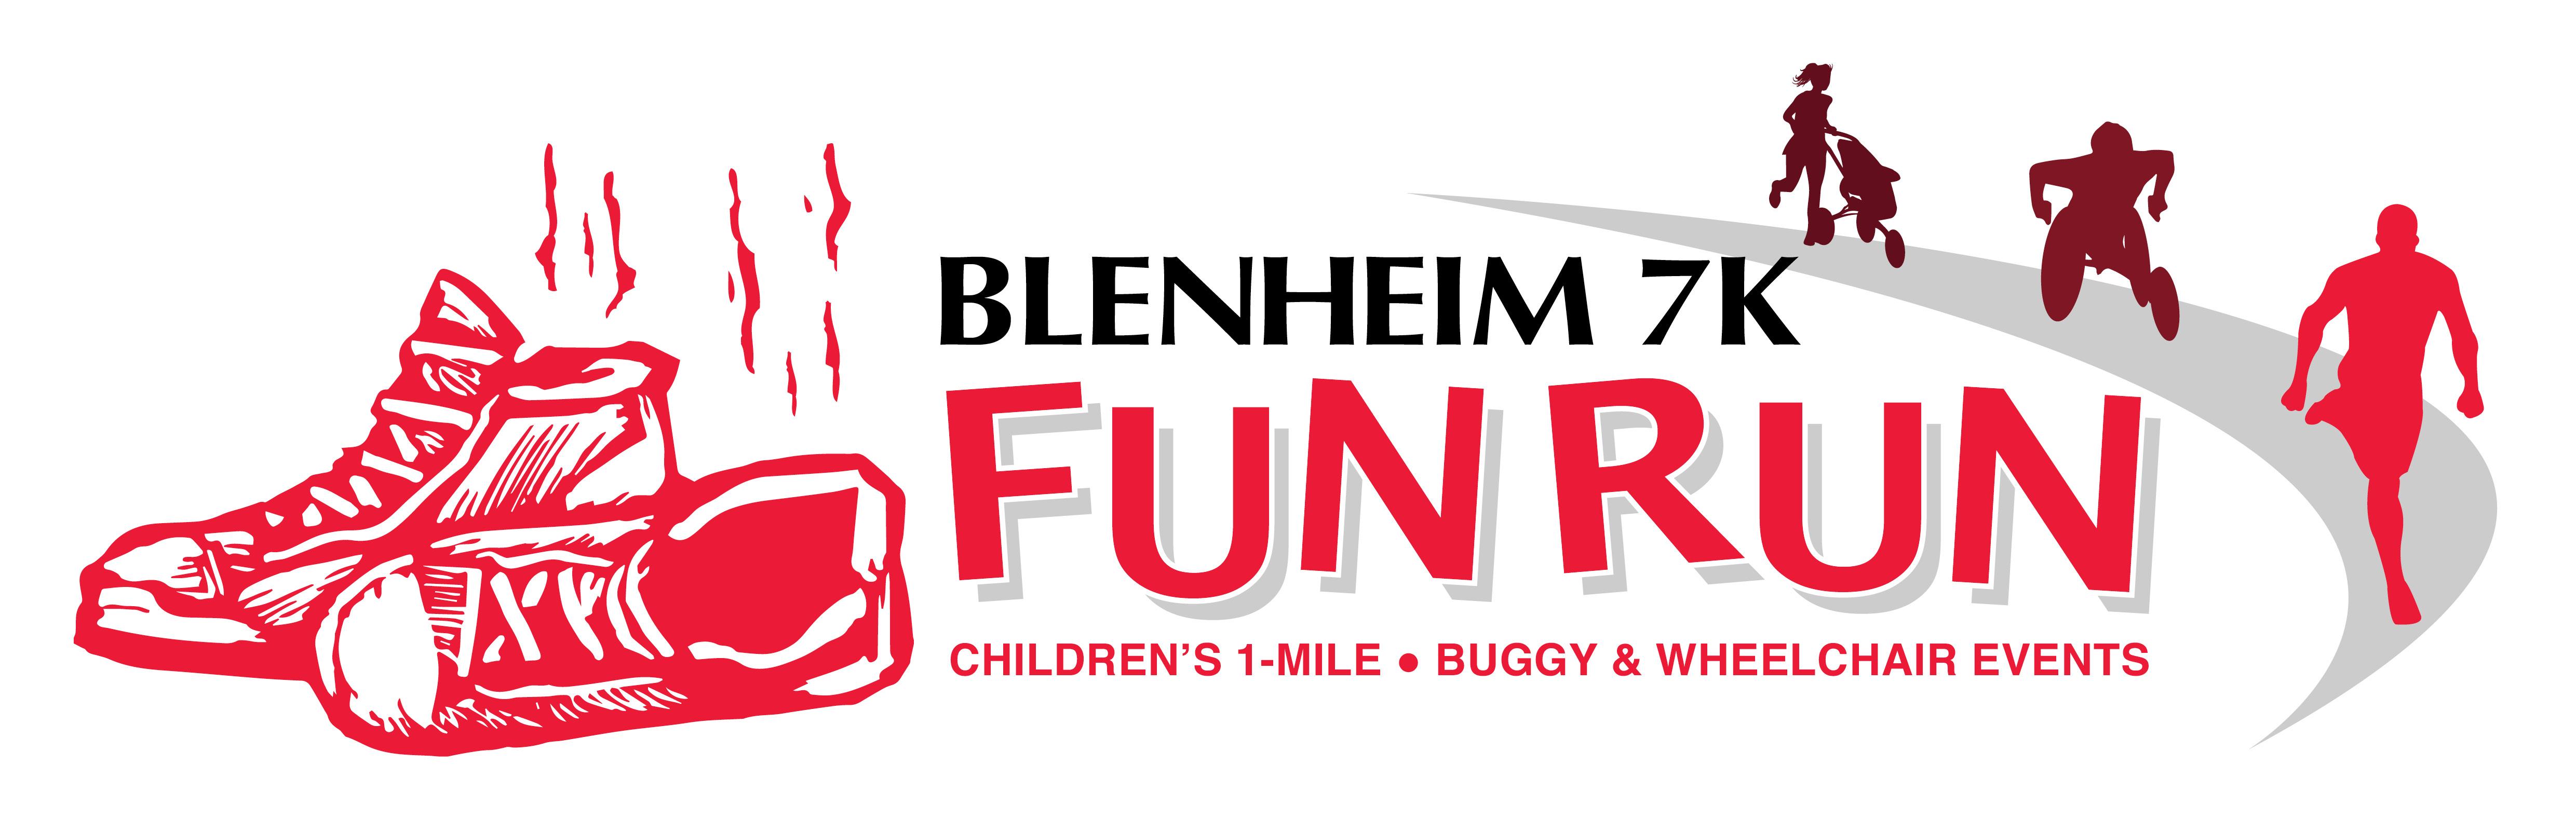 Blenheim 7K's logo